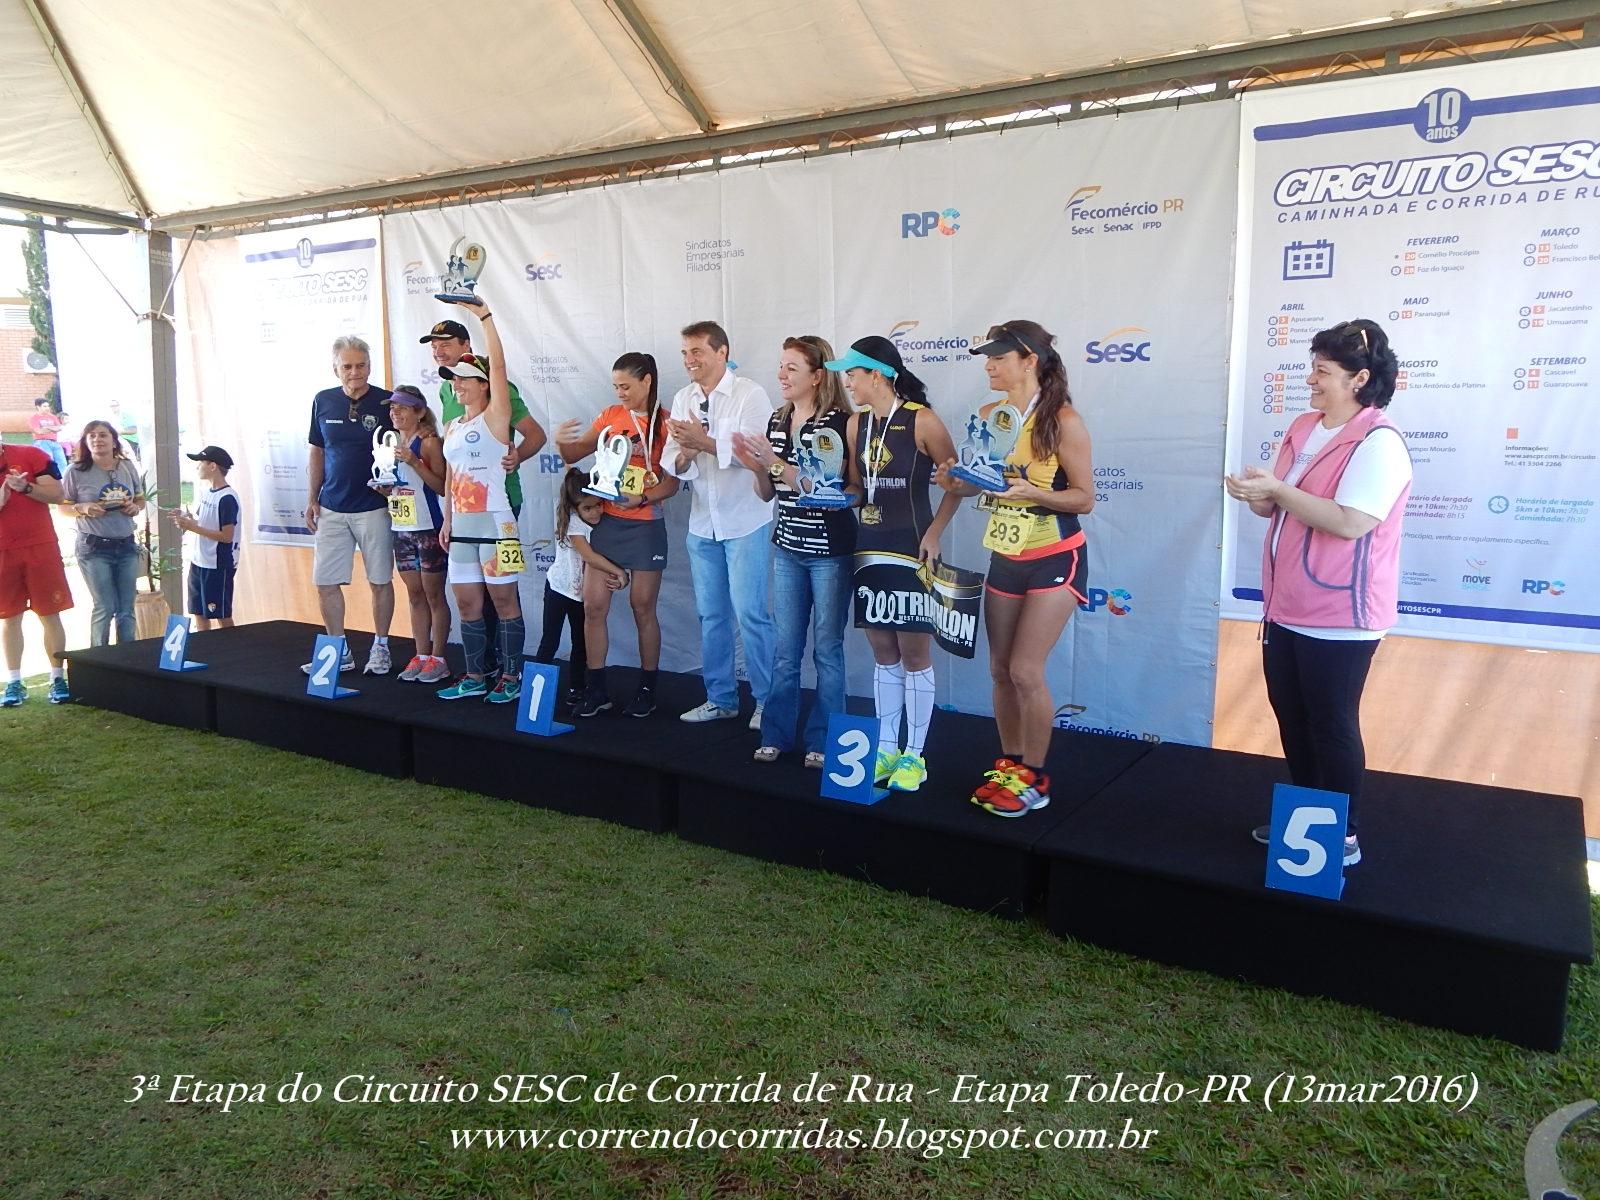 Circuito Sesc De Corridas Etapa Pelotas : Circuito sesc de corridas etapa pelotas em cm acontece